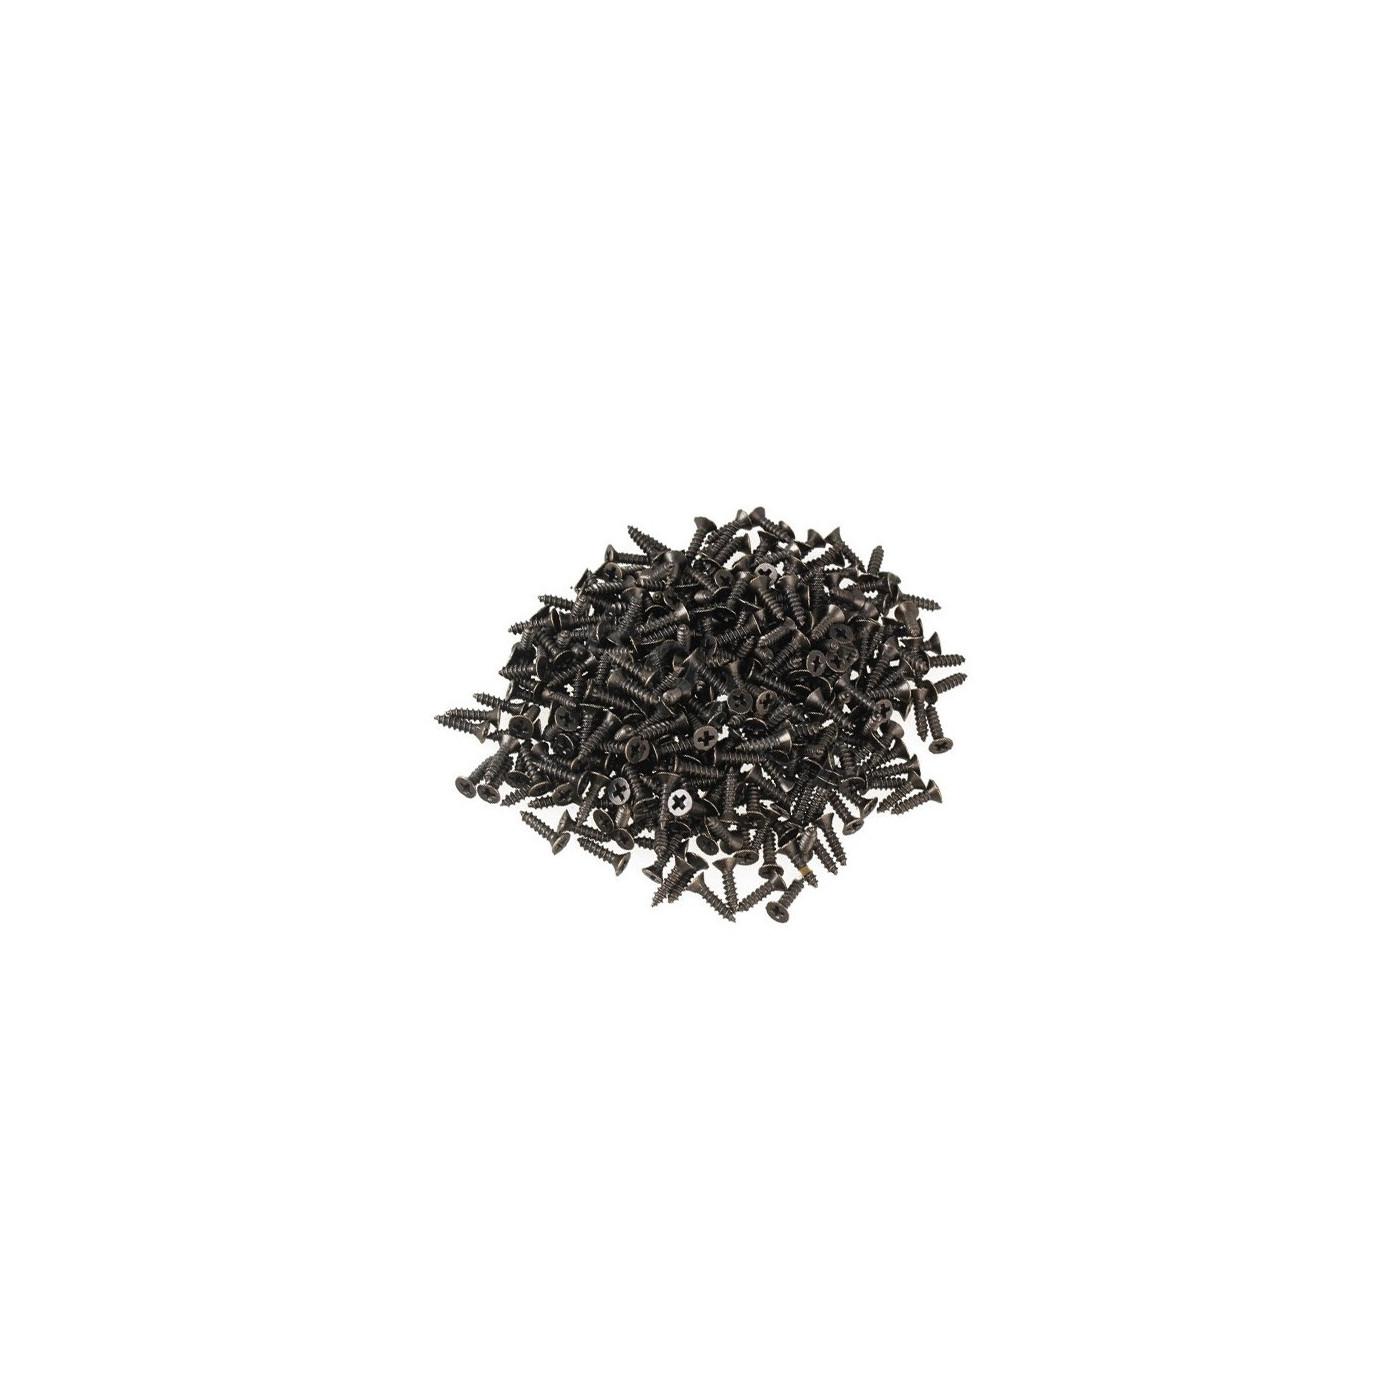 Jeu de 300 petites vis (3.0x12 mm, fraisée, couleur bronze)  - 1